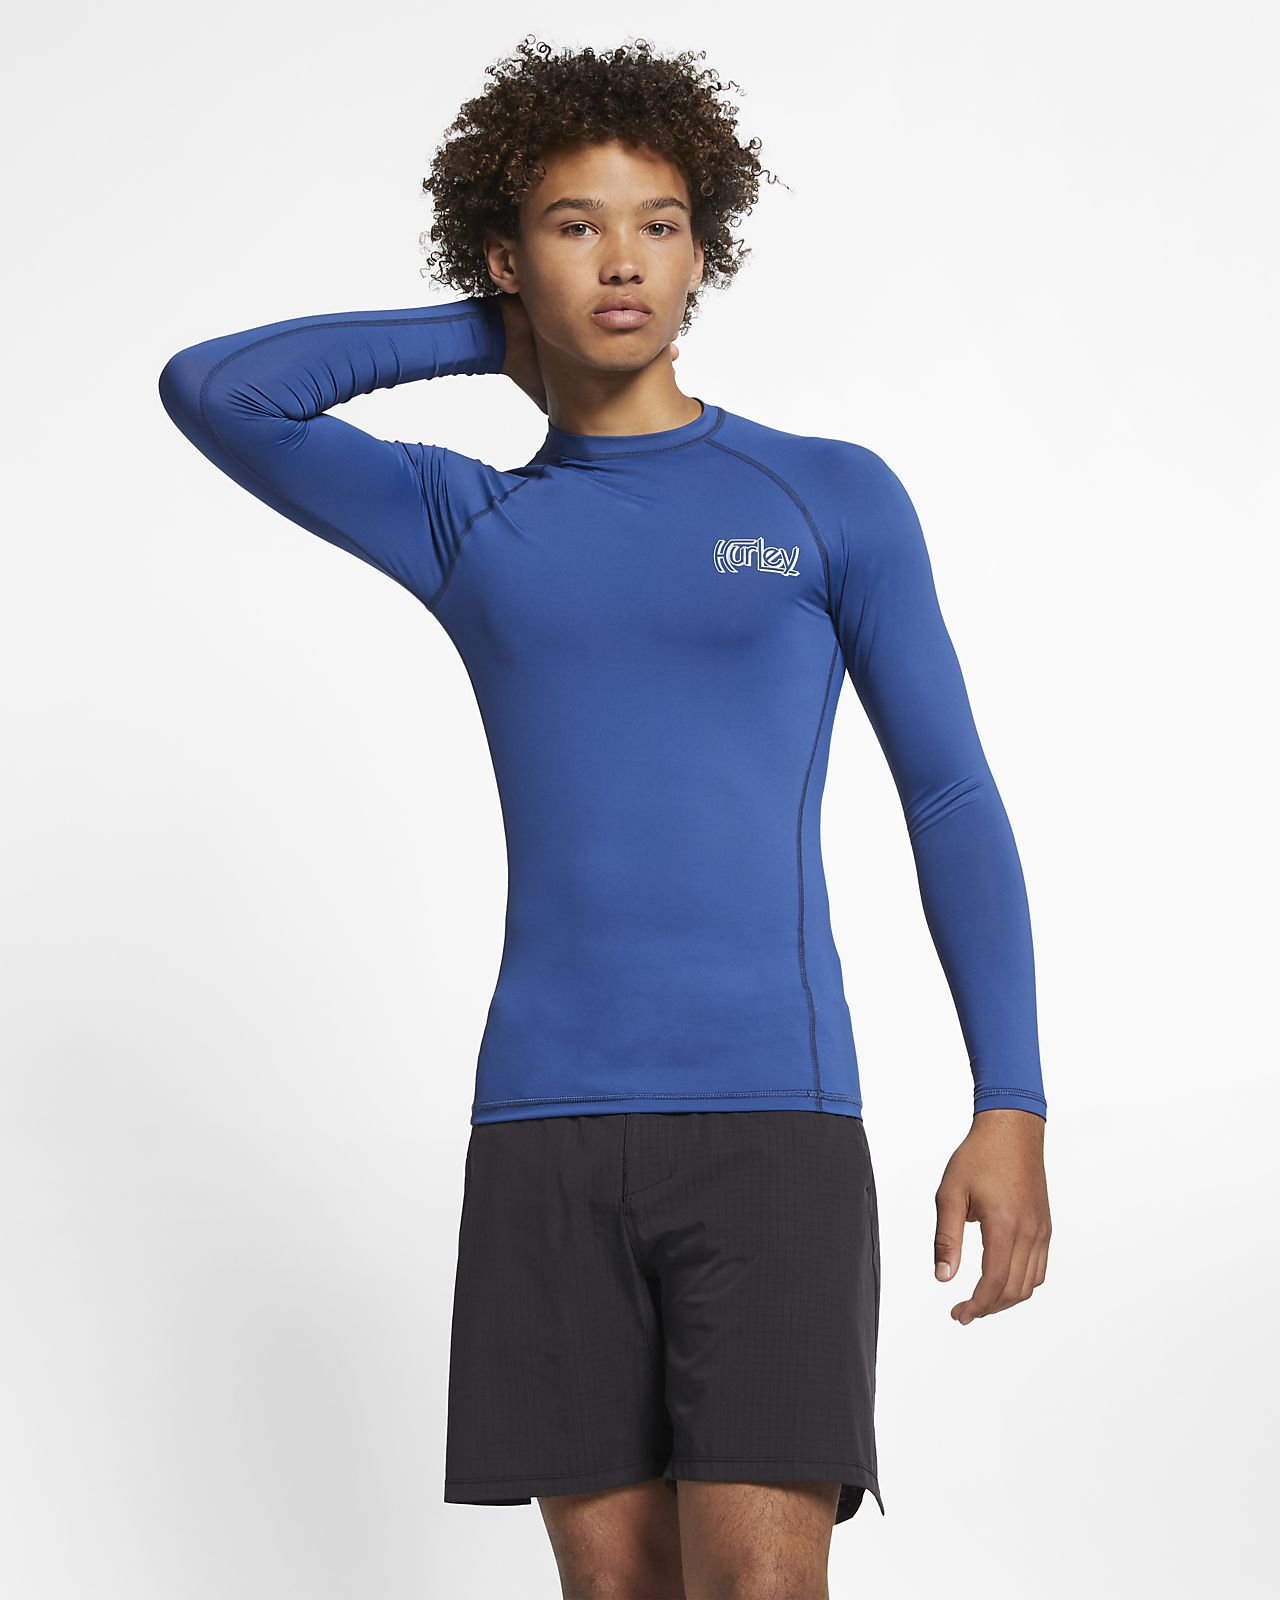 d52583372460 Ανδρική μακρυμάνικη μπλούζα Hurley Pro Light OG. Nike.com GR